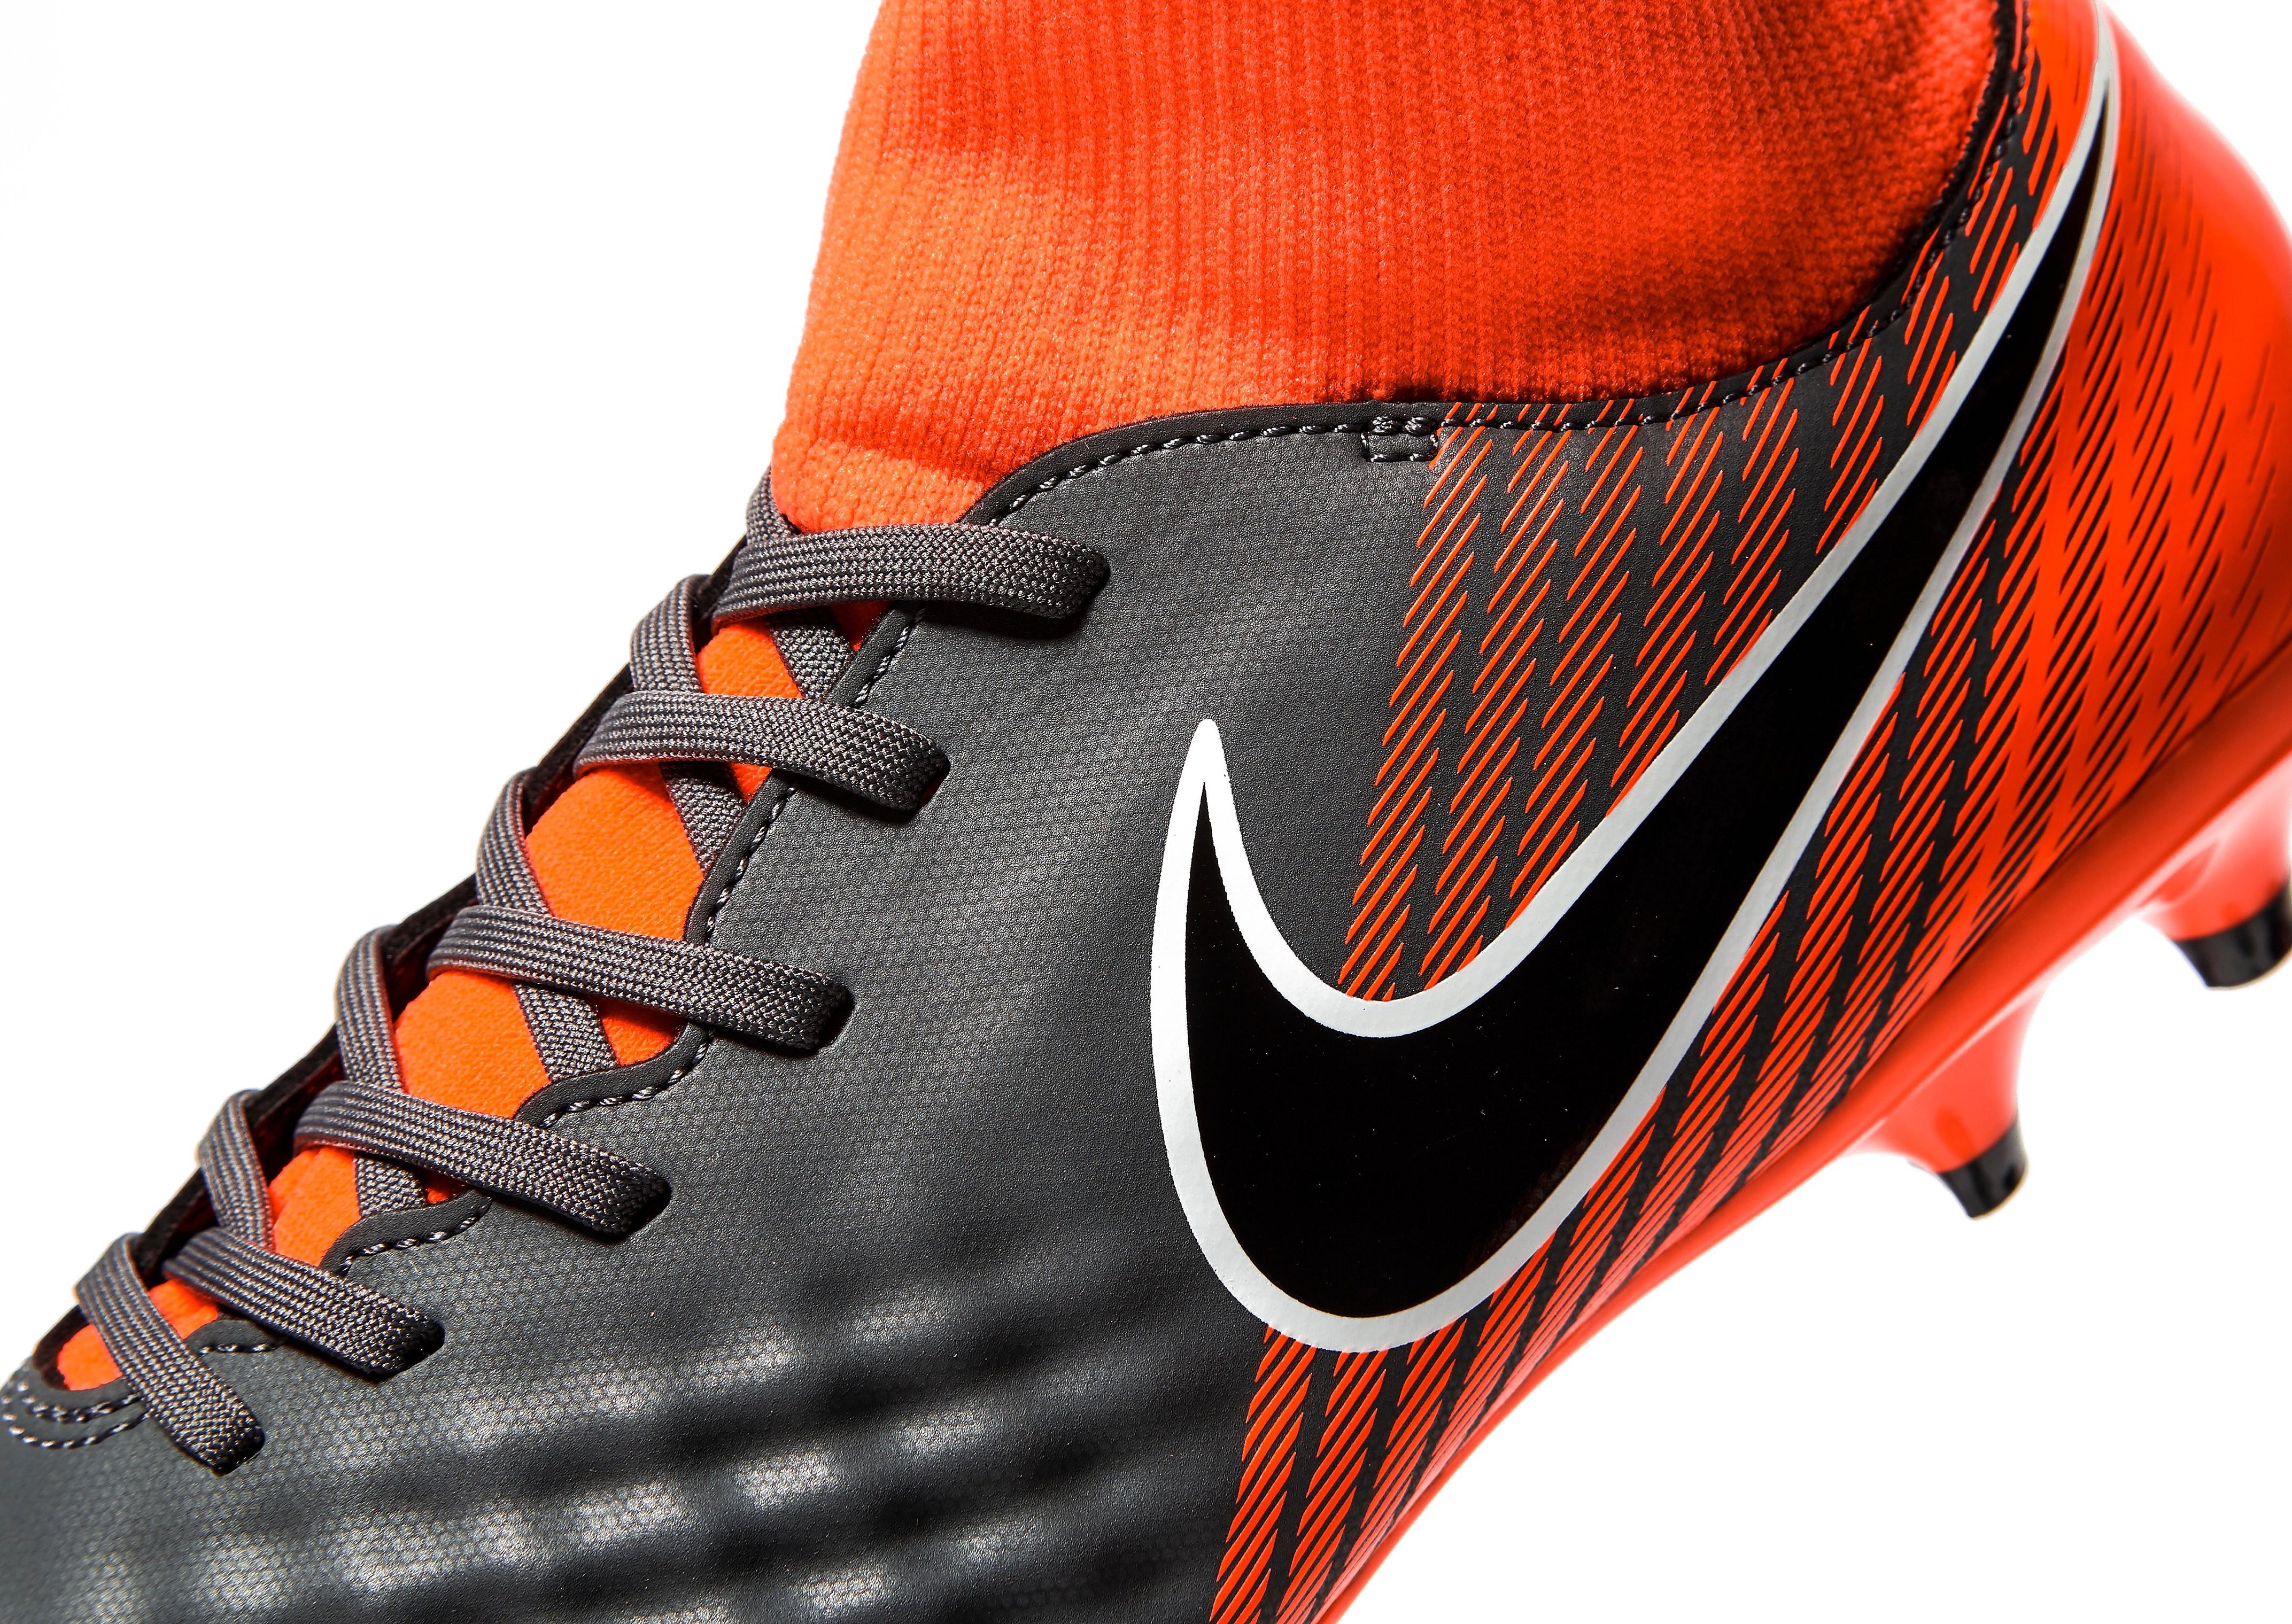 Nike Fast AF Phantom Dynamic Fit FG